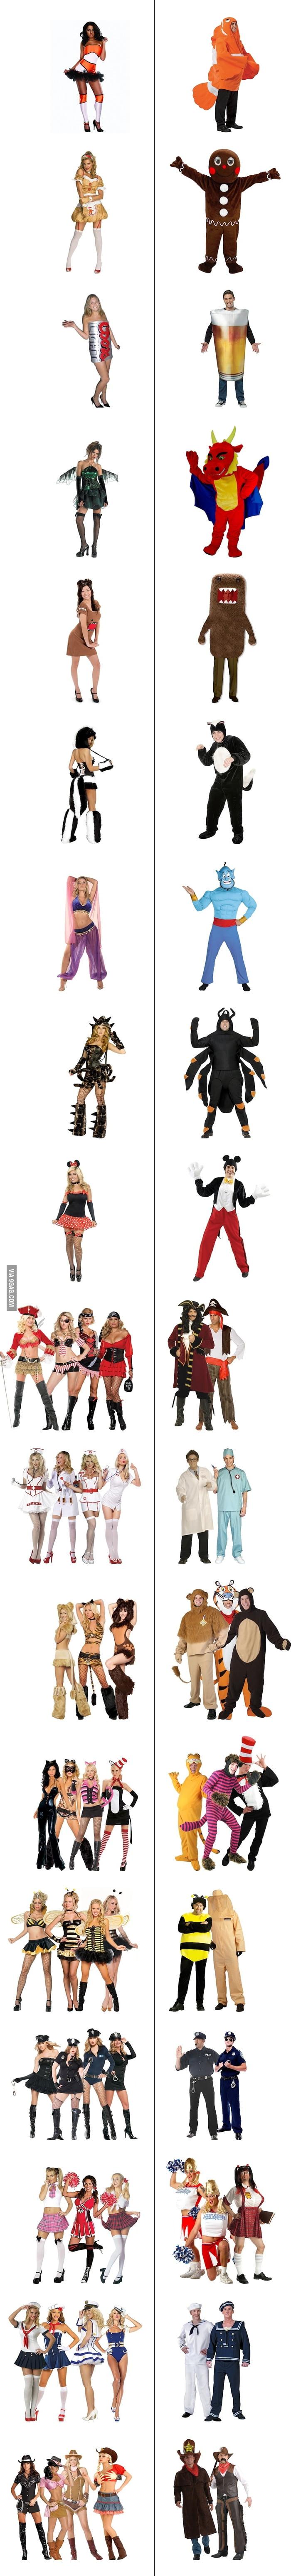 Halloween: Men vs. Women